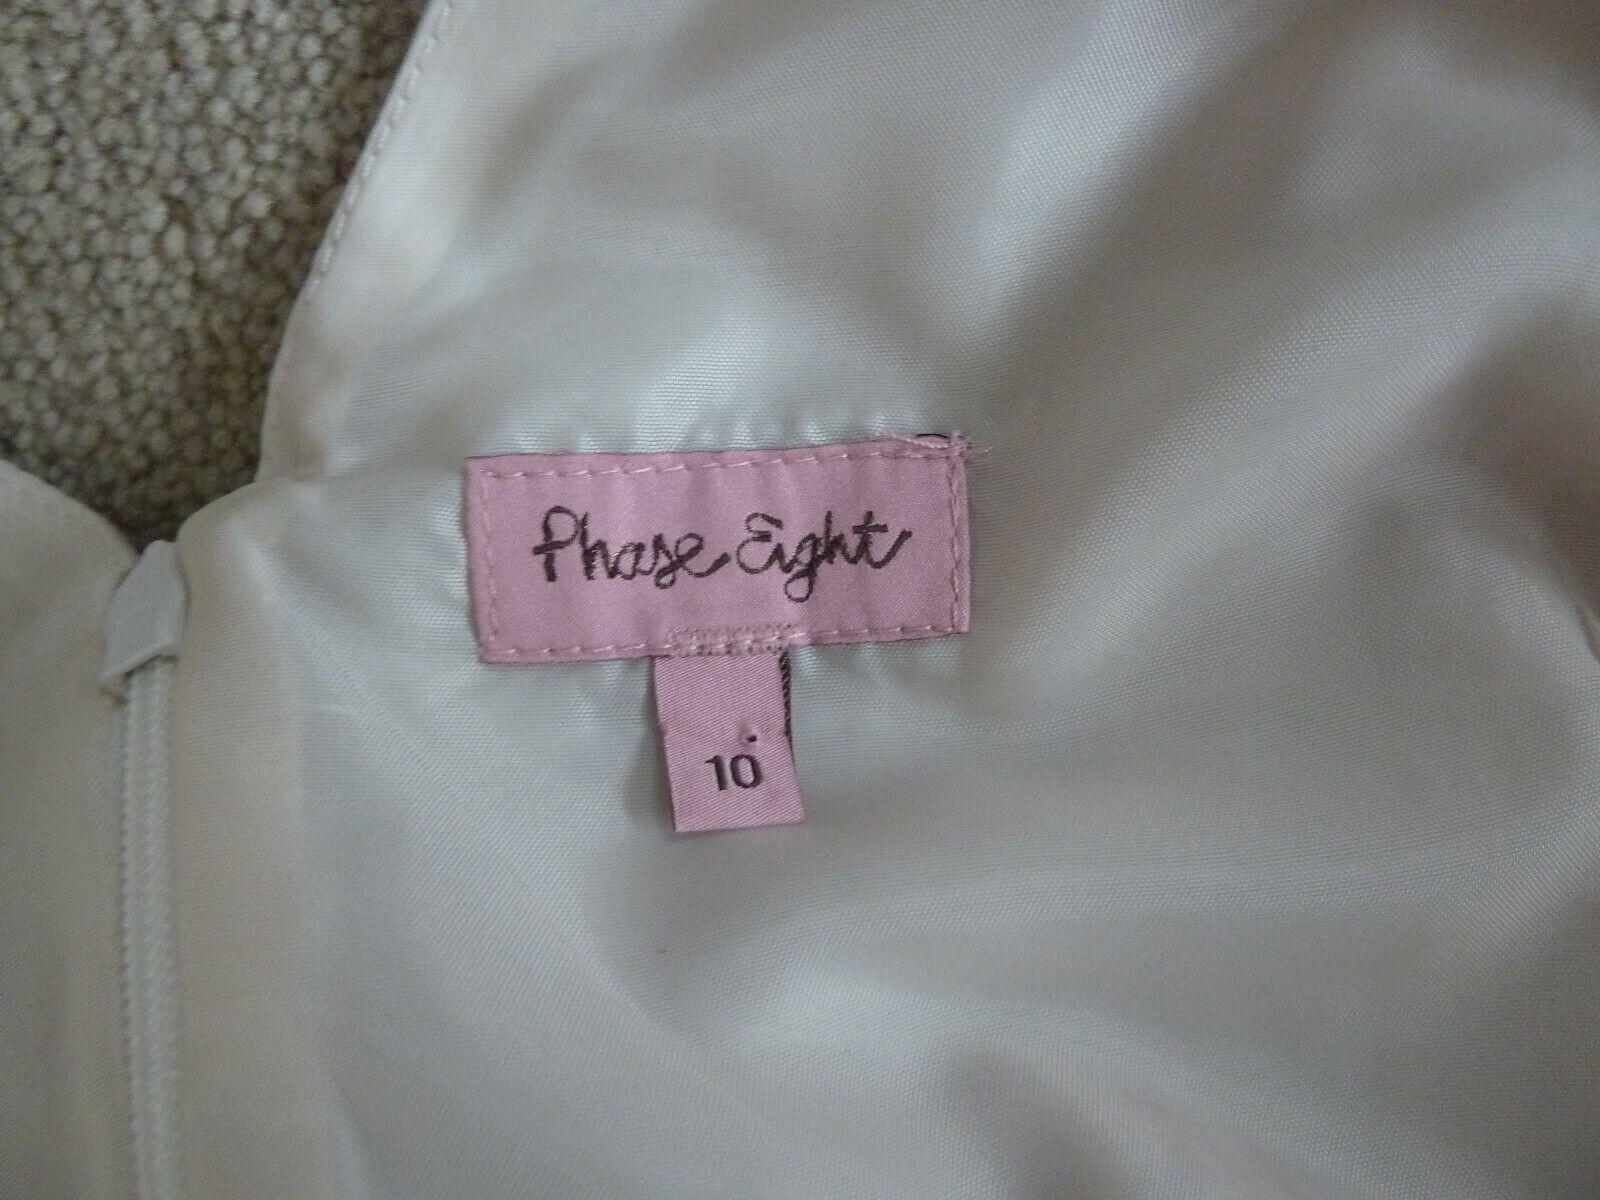 FAB rosa Crema OTTO Phase Viola Floreale Floreale Floreale rosa Fit N Flare 50s Abito Taglia 10 in buonissima condizione 5137c9